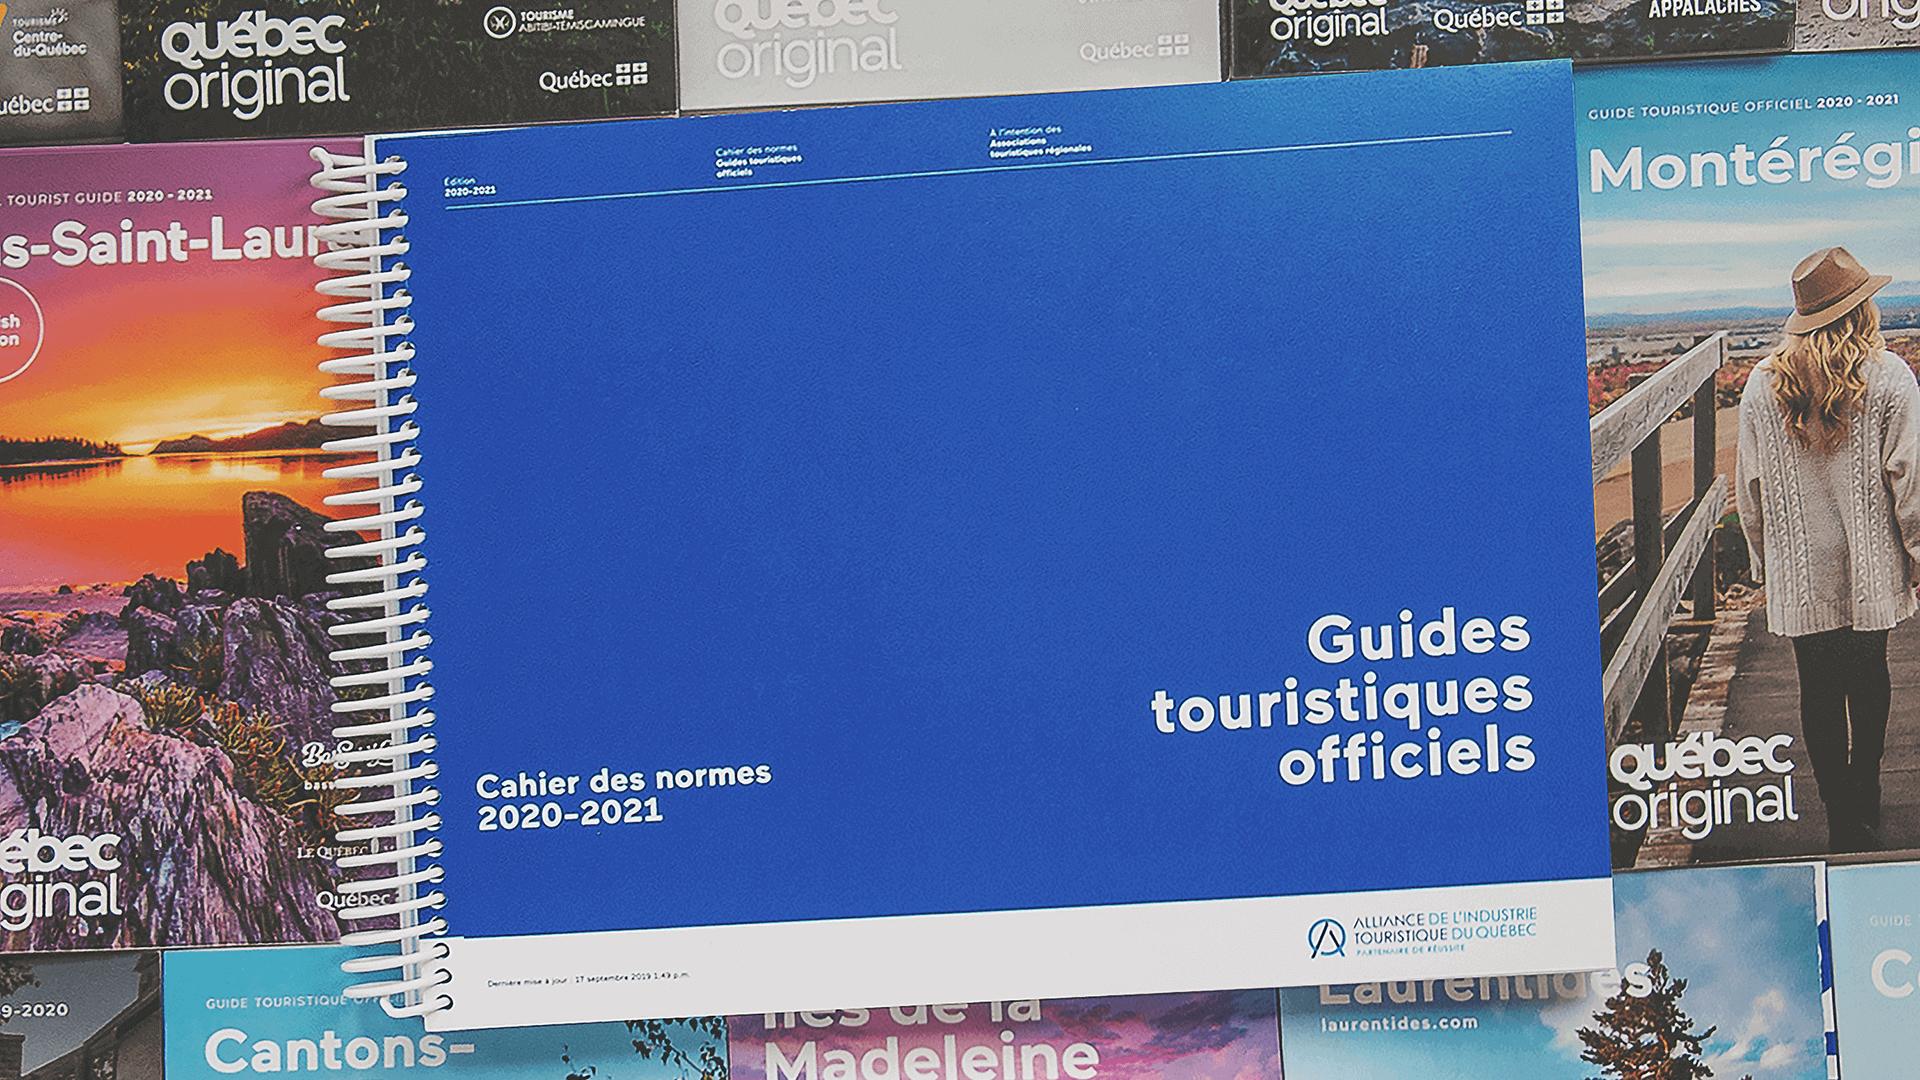 Cahier de normes graphiques   Guide touristique officiel 2020-2021 de Charlevoix   Alliance de l'industrie touristique du Québec